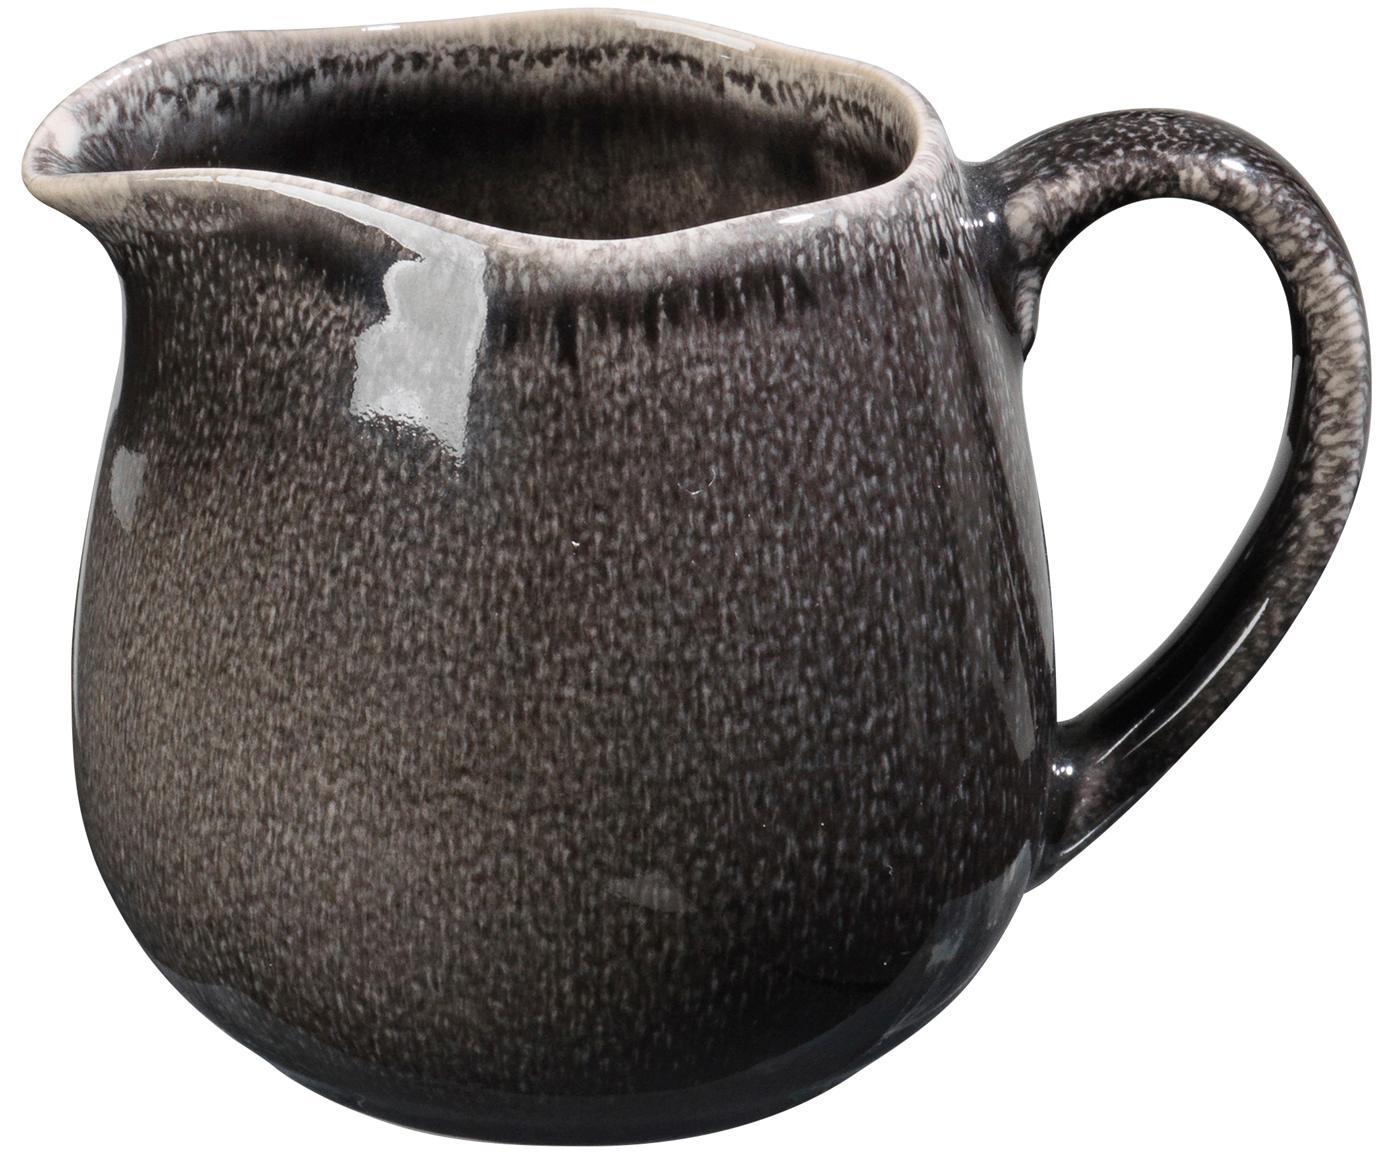 Brocca da latte fatta a mano Nordic Coal, Terracotta, Marrone scuro, Ø 12 x Alt. 9 cm